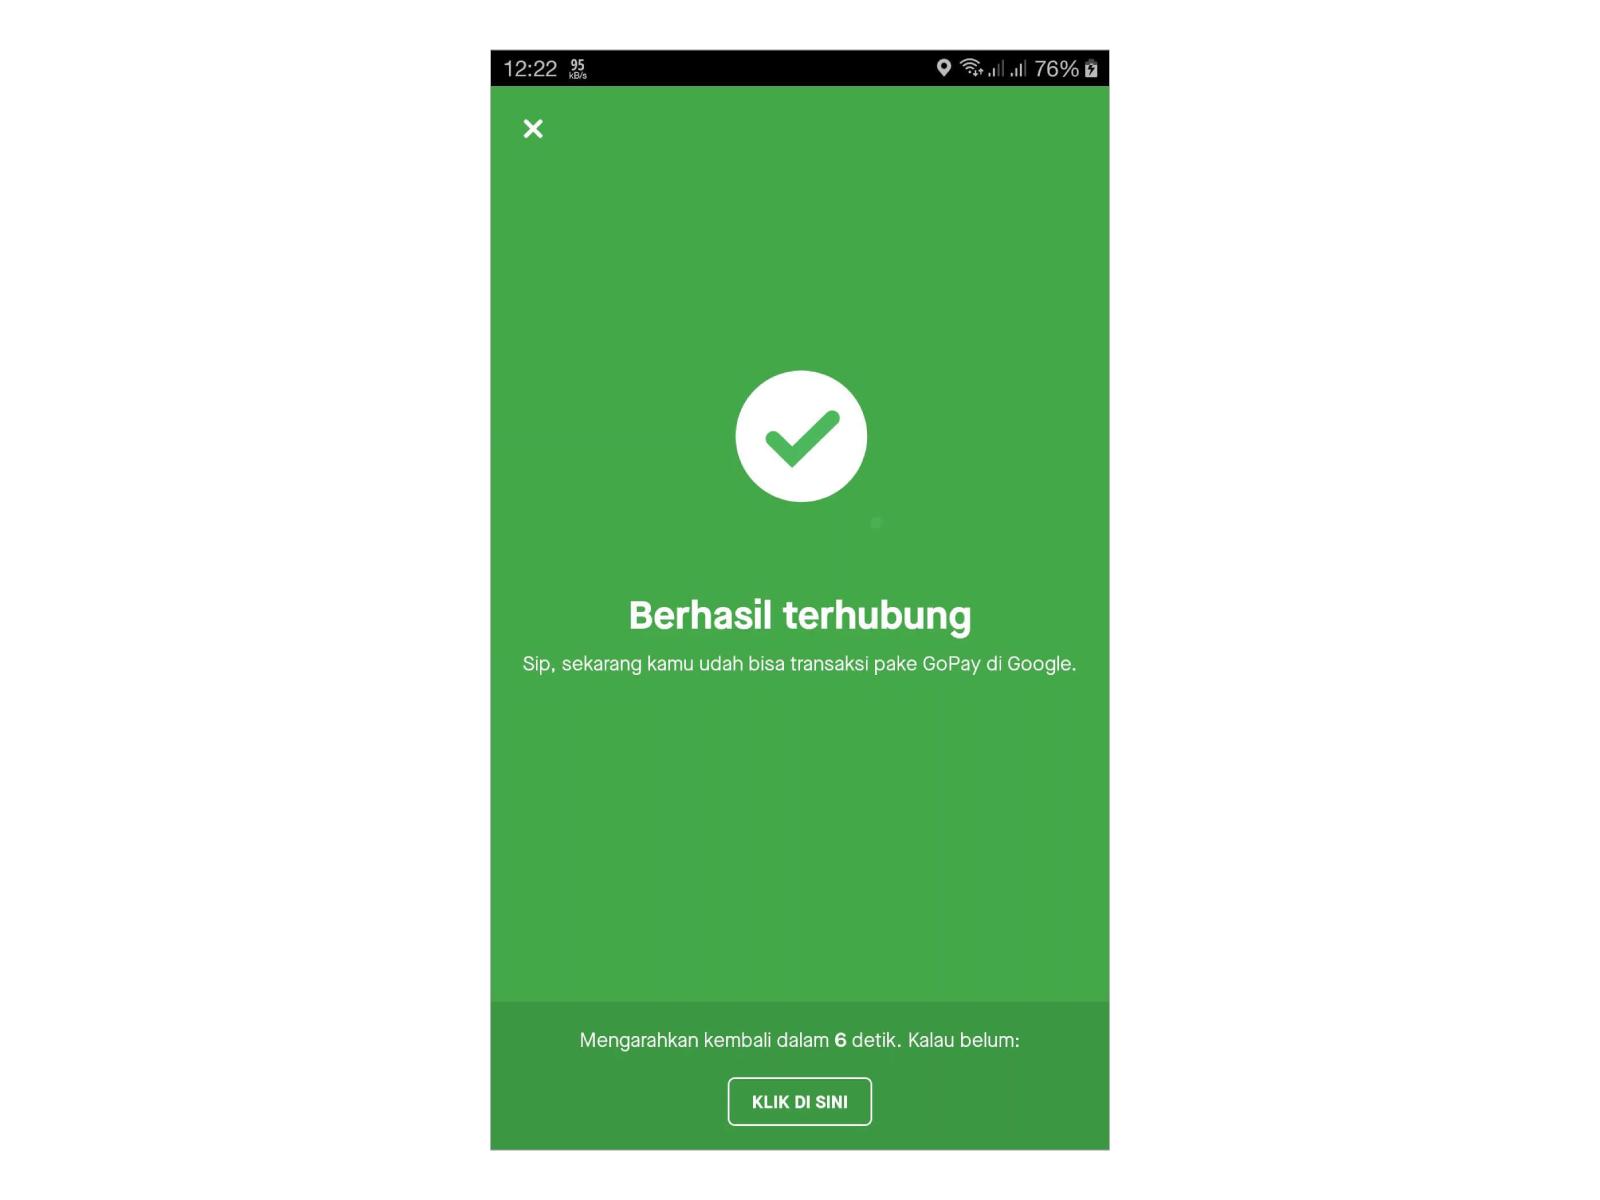 GoPay Berhasil Terhubung dengan Google Play